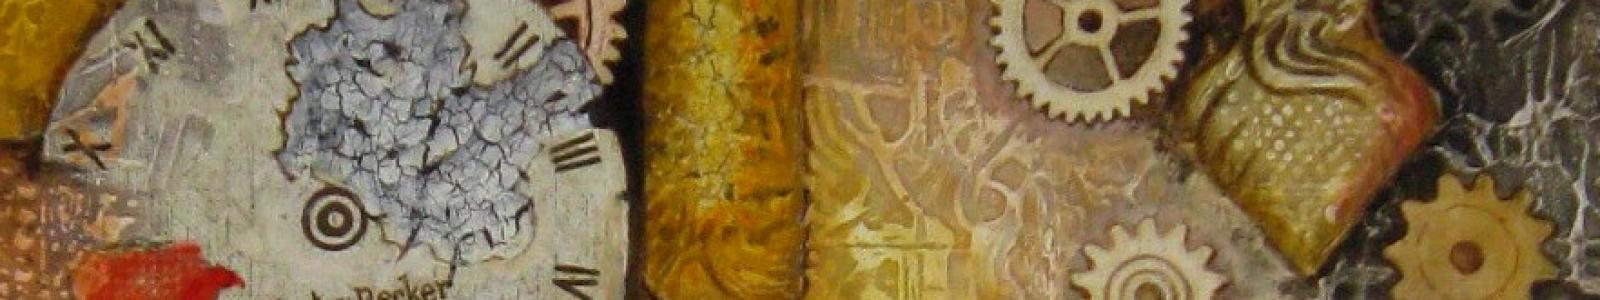 Gallery Painter Vitaliy Gusevskiy